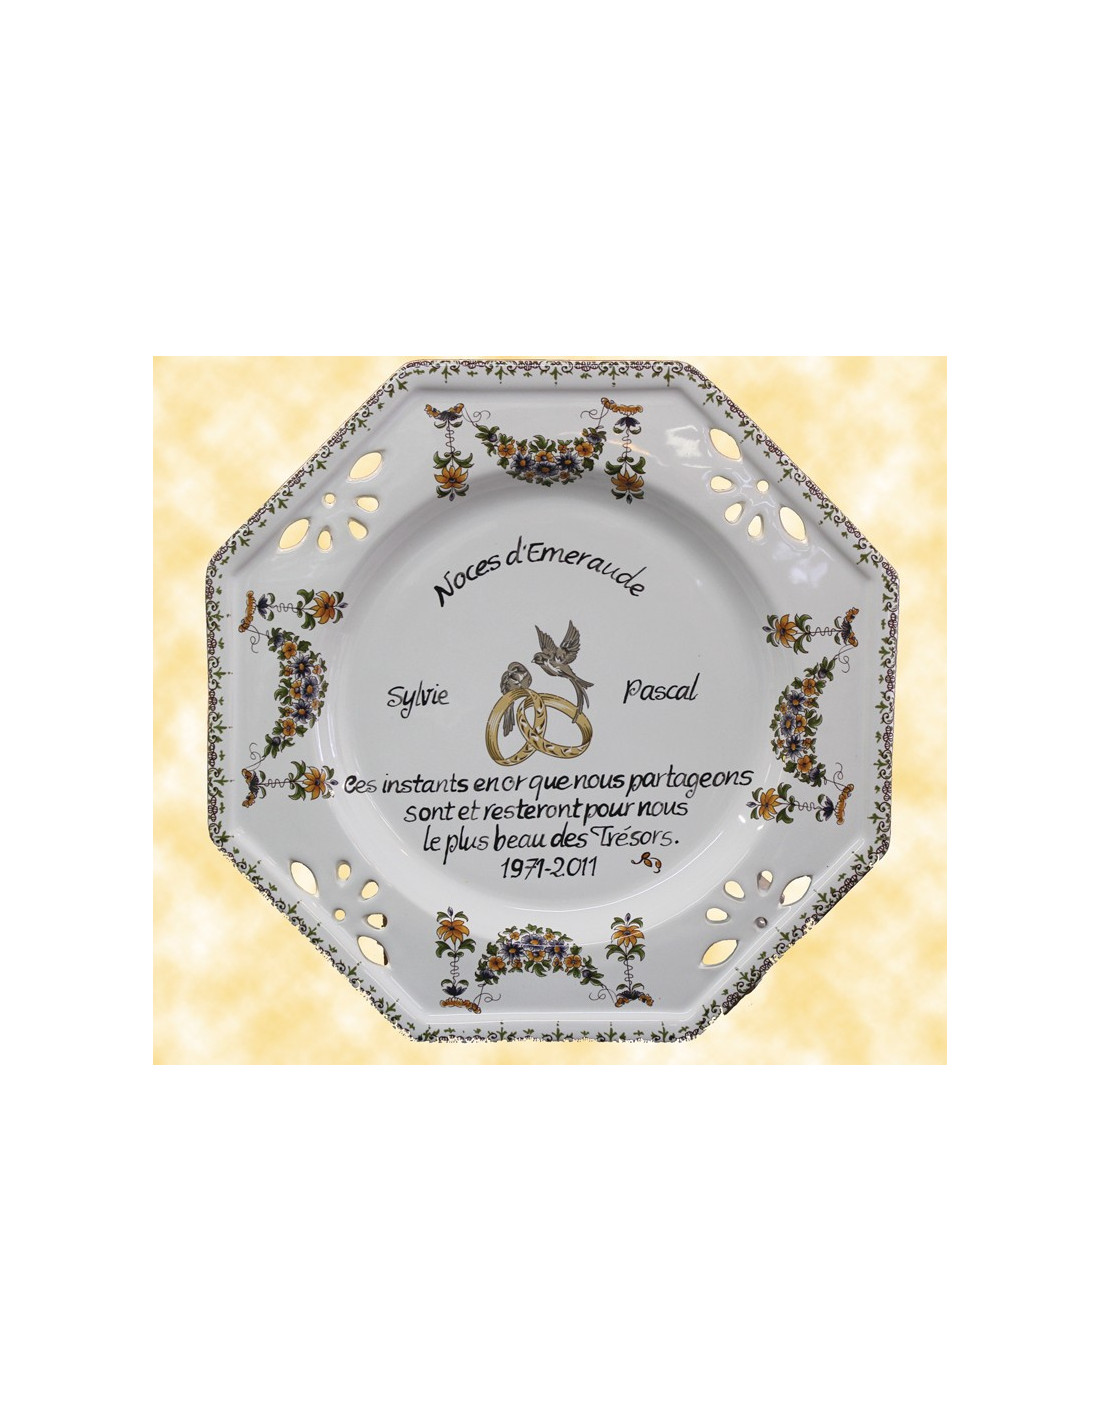 Assiette de mariage octogonale d cor tradition vieux moustiers avec po me noces d 39 emeraude le - Cadeau noce d or ...